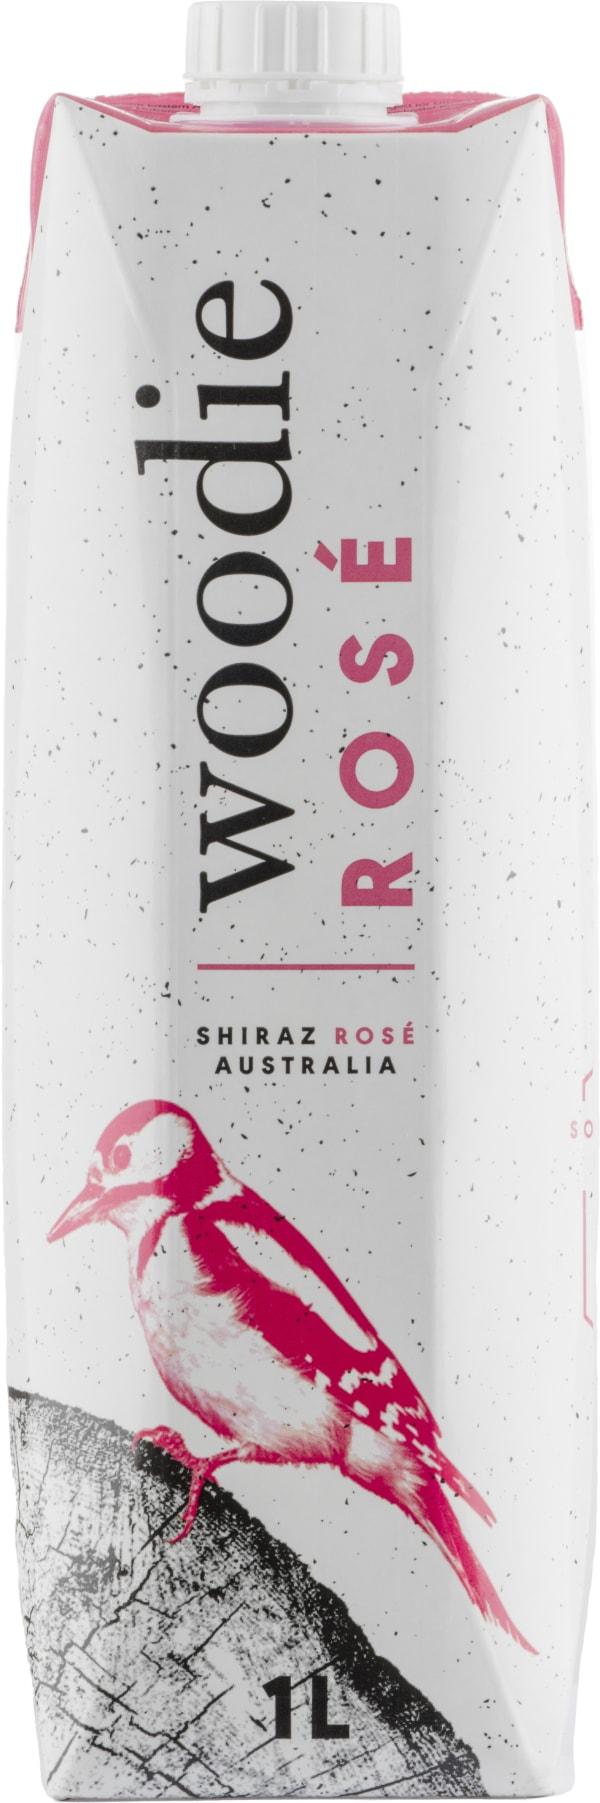 Woodie Rosé 2017 kartongförpackning